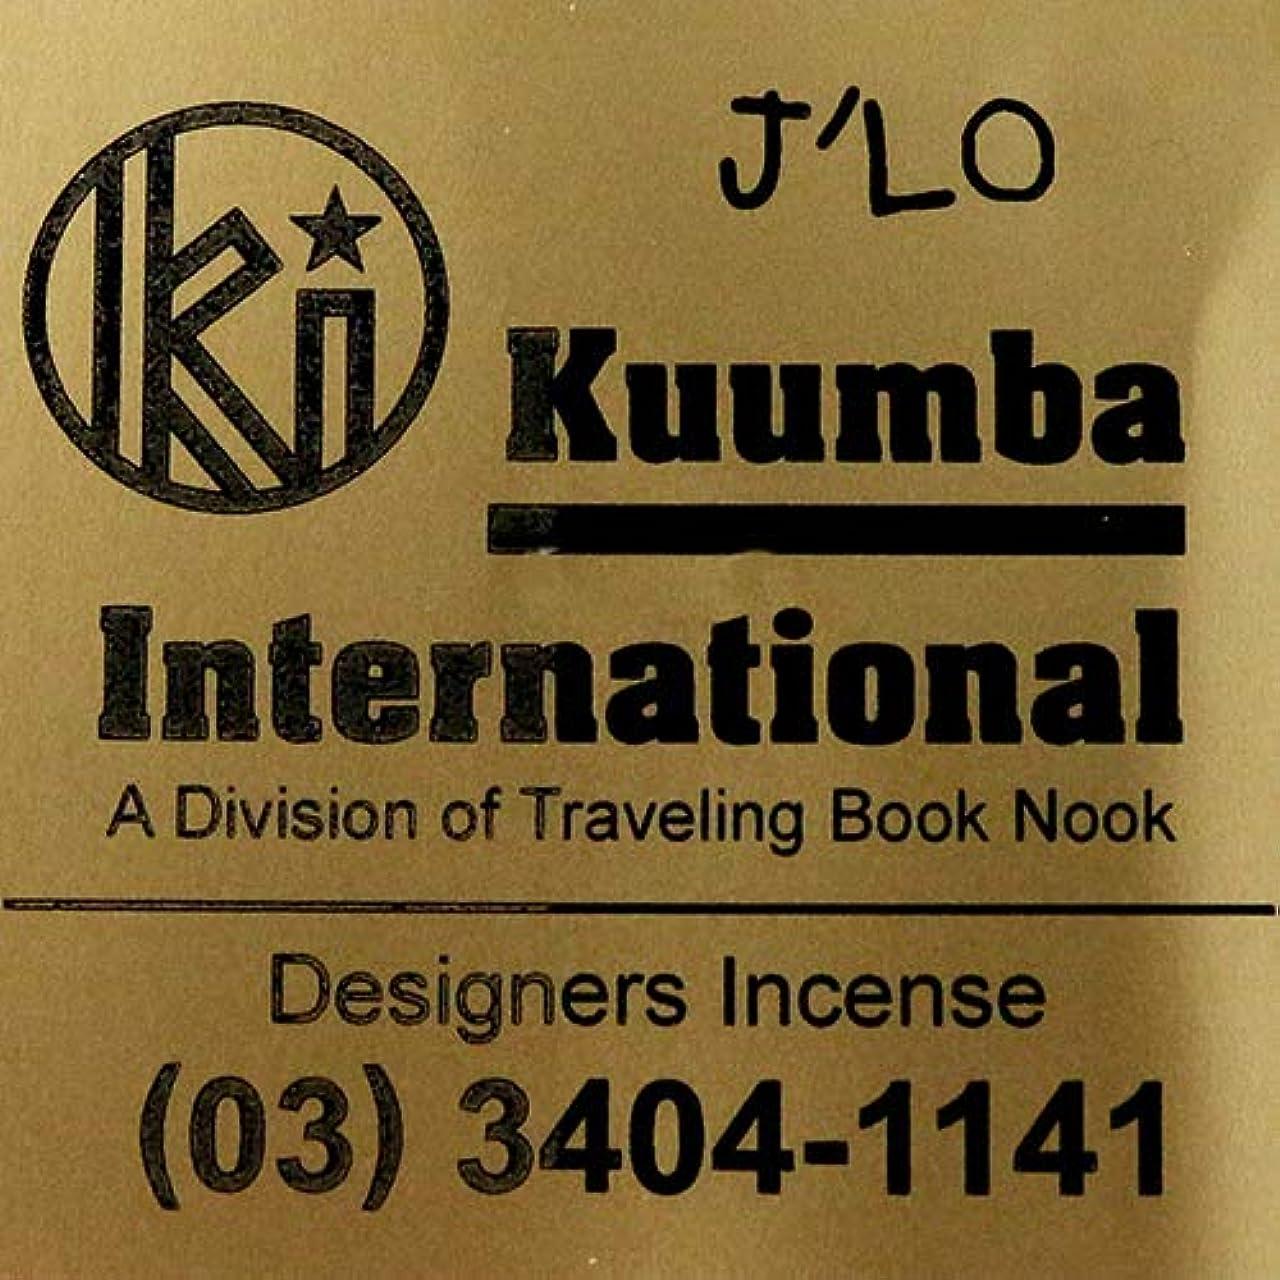 台風棚タンカー(クンバ) KUUMBA『incense』(J'LO) (J'LO, Regular size)